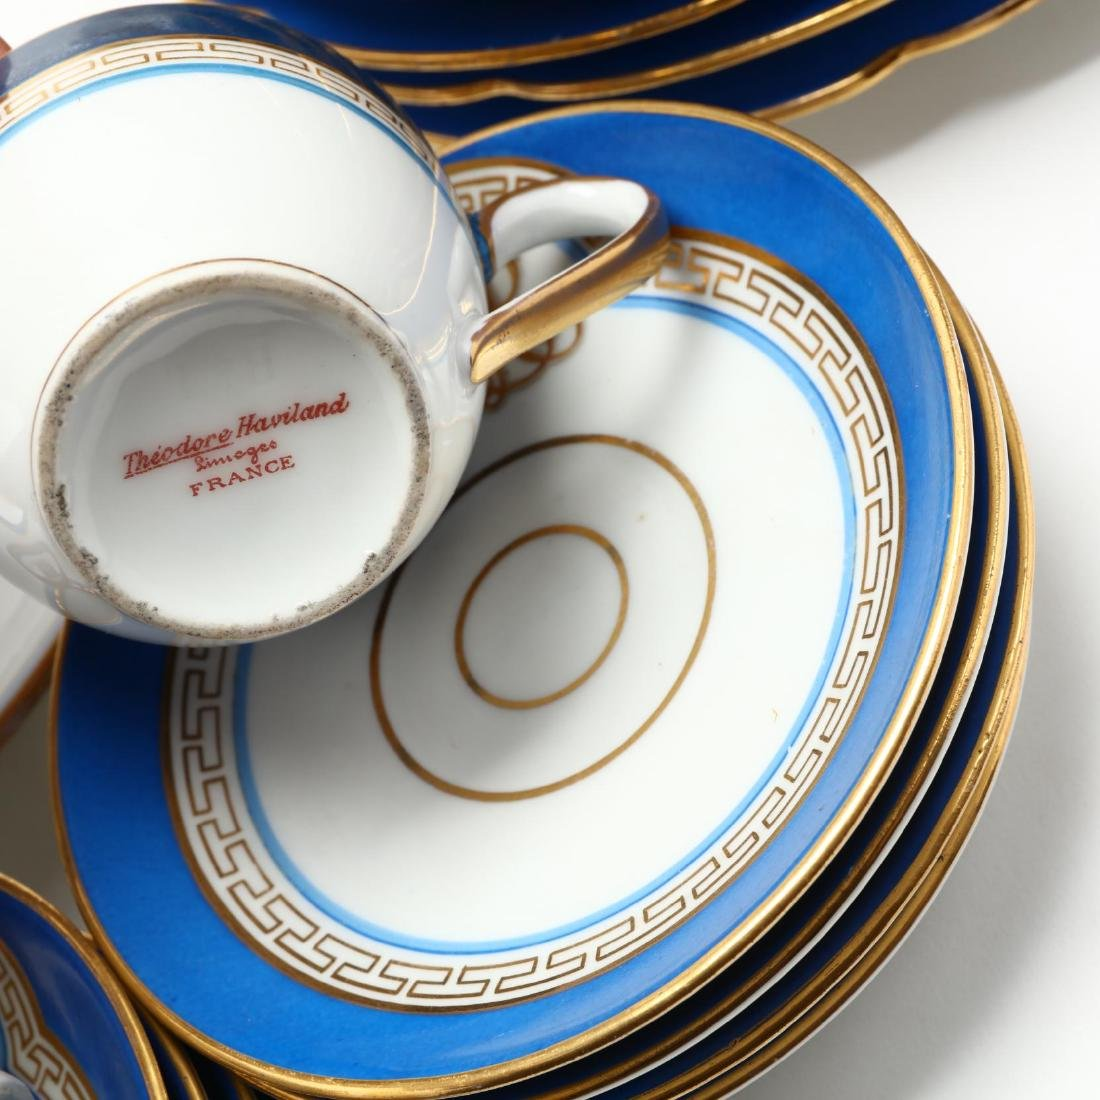 An Antique Set of Monogrammed Paris Porcelain - 6